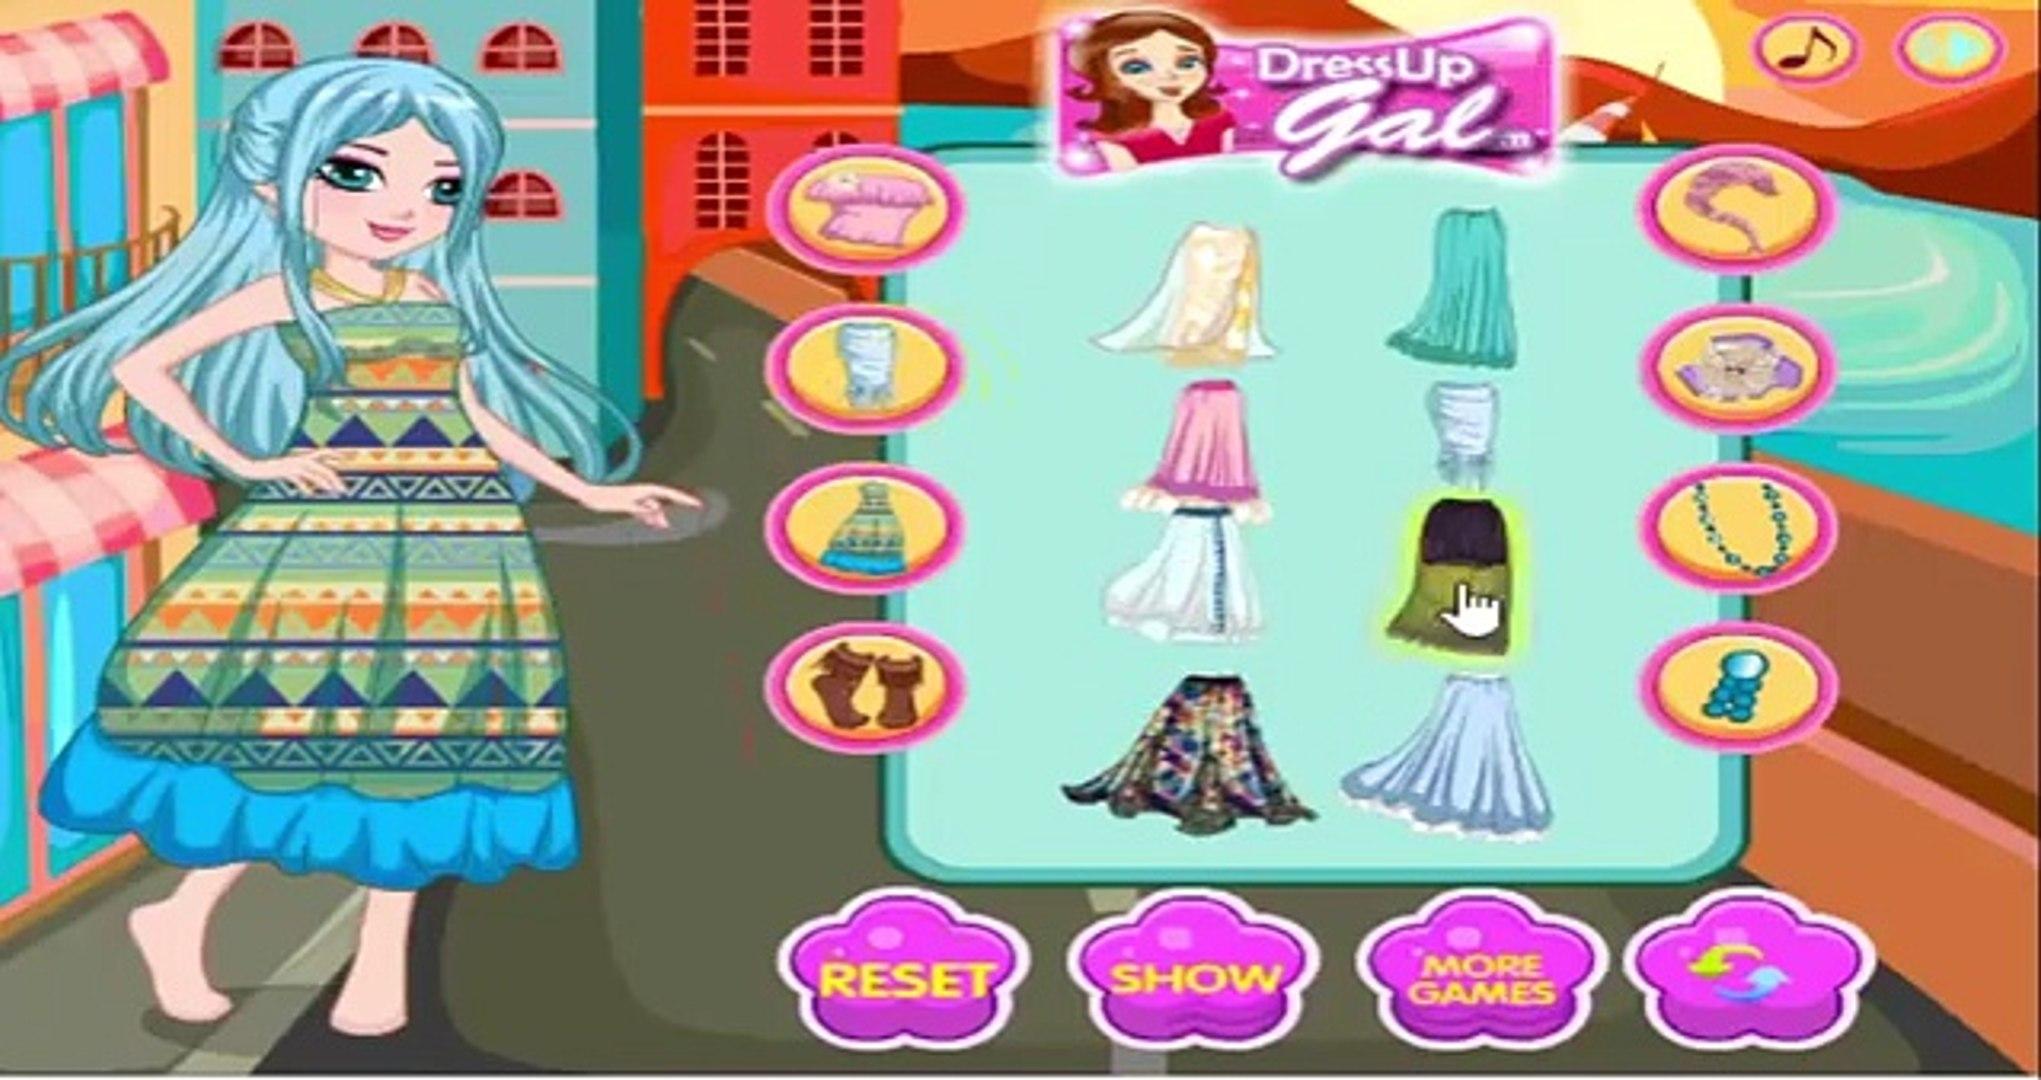 العاب تلبيس بنات ومكياج وقص شعر New Dress Up Games For Girls